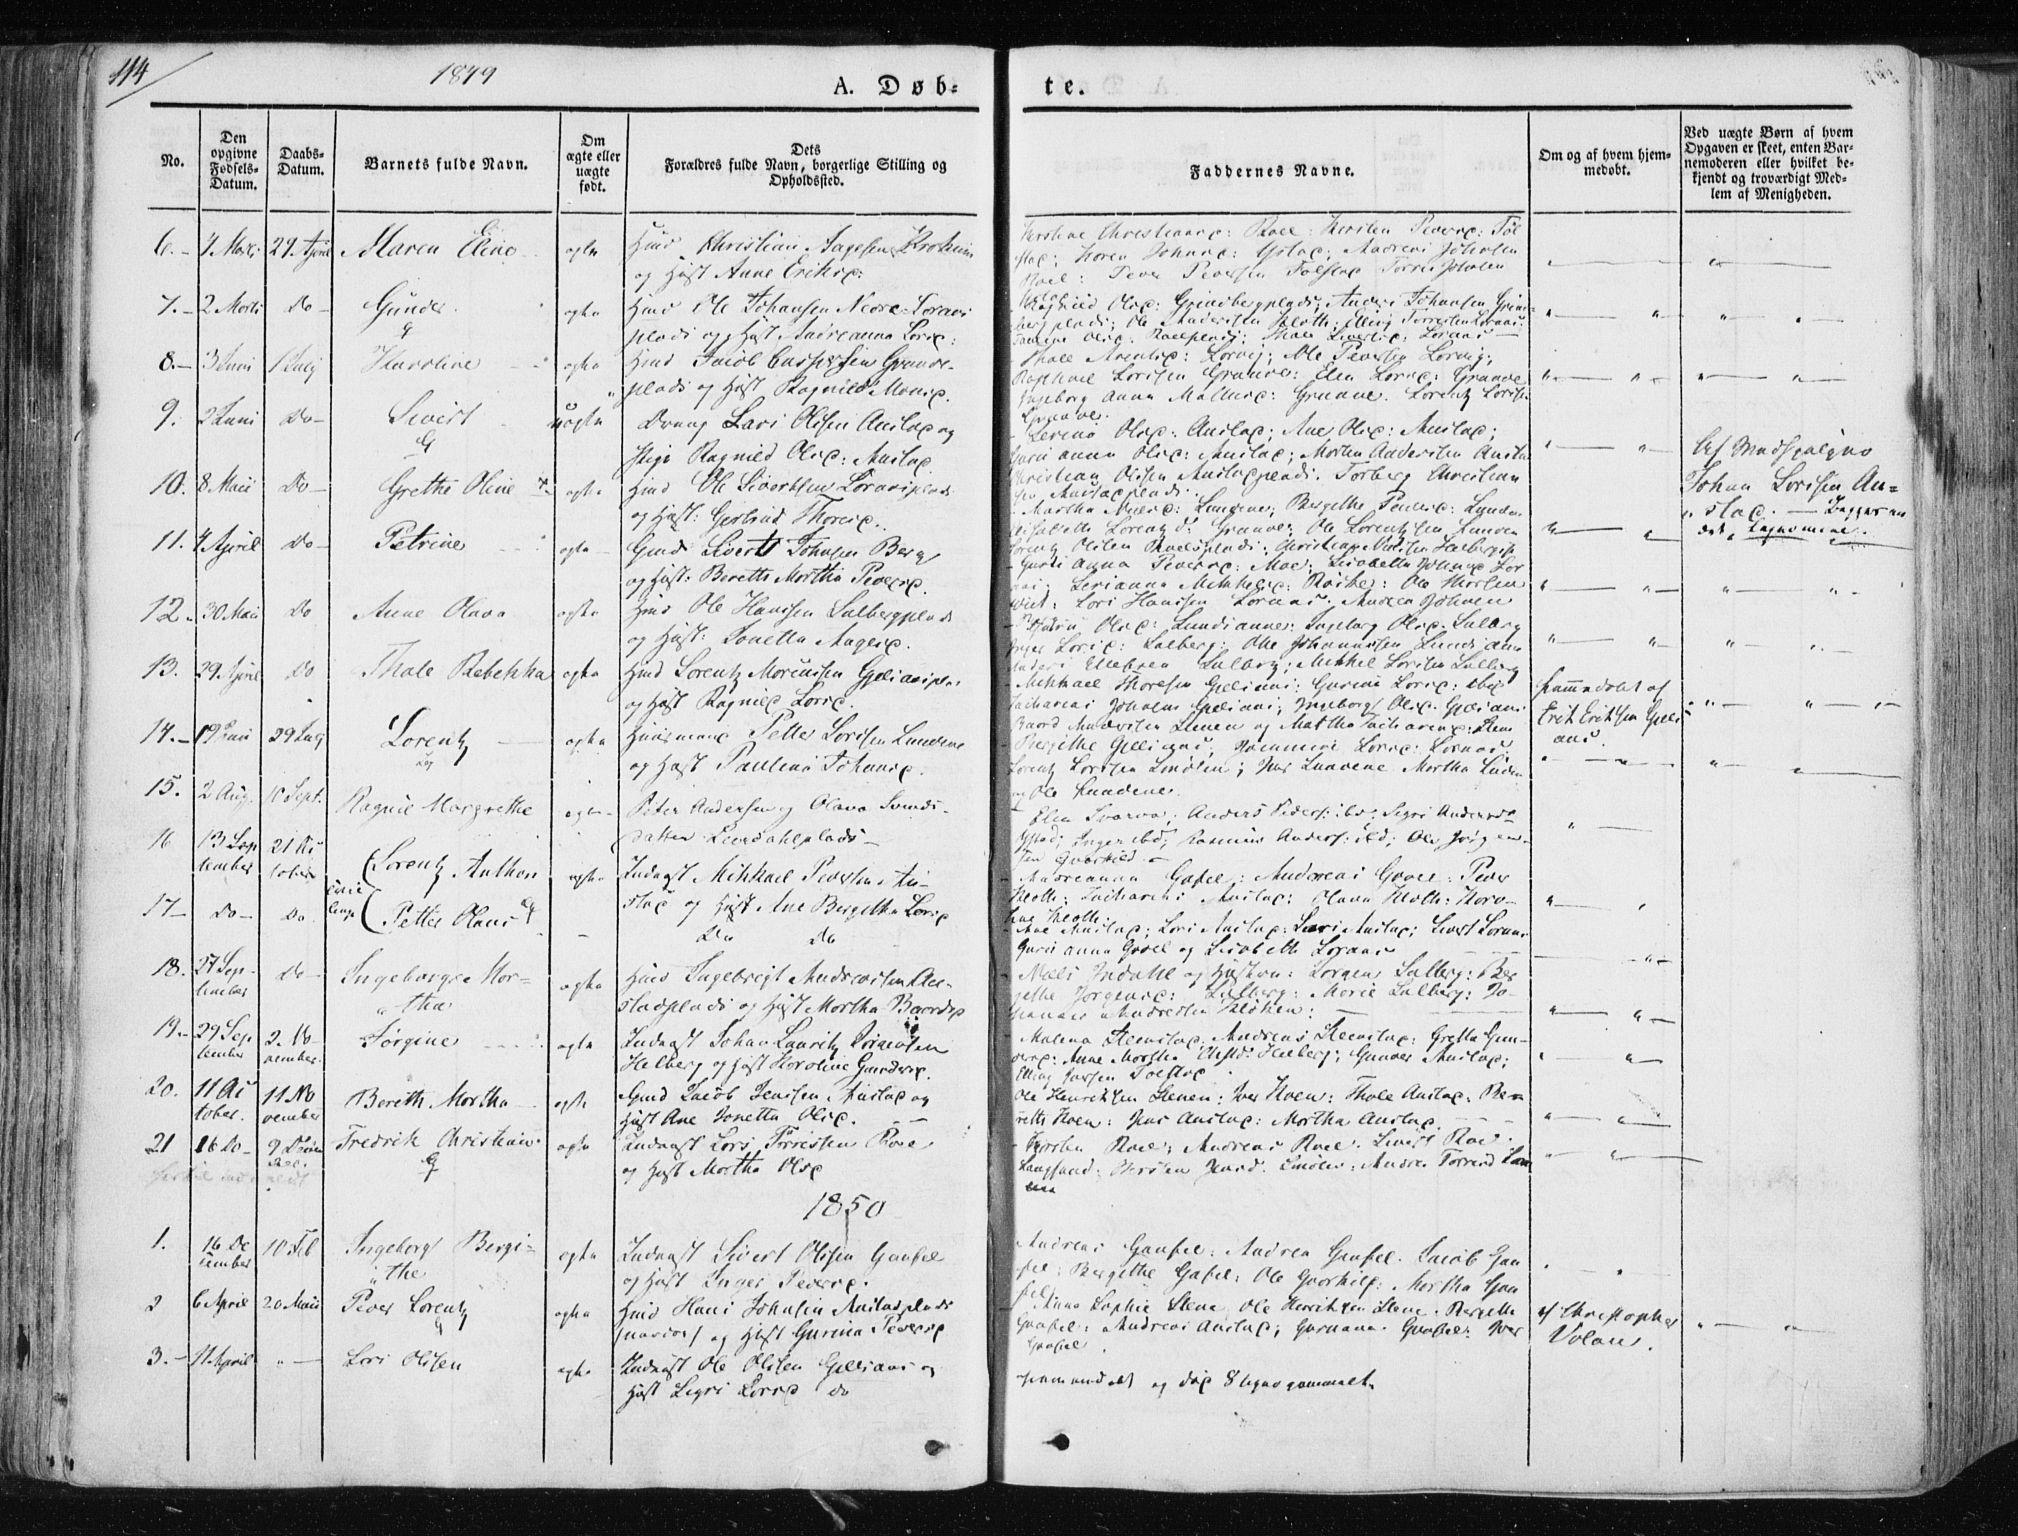 SAT, Ministerialprotokoller, klokkerbøker og fødselsregistre - Nord-Trøndelag, 730/L0280: Ministerialbok nr. 730A07 /2, 1840-1854, s. 114